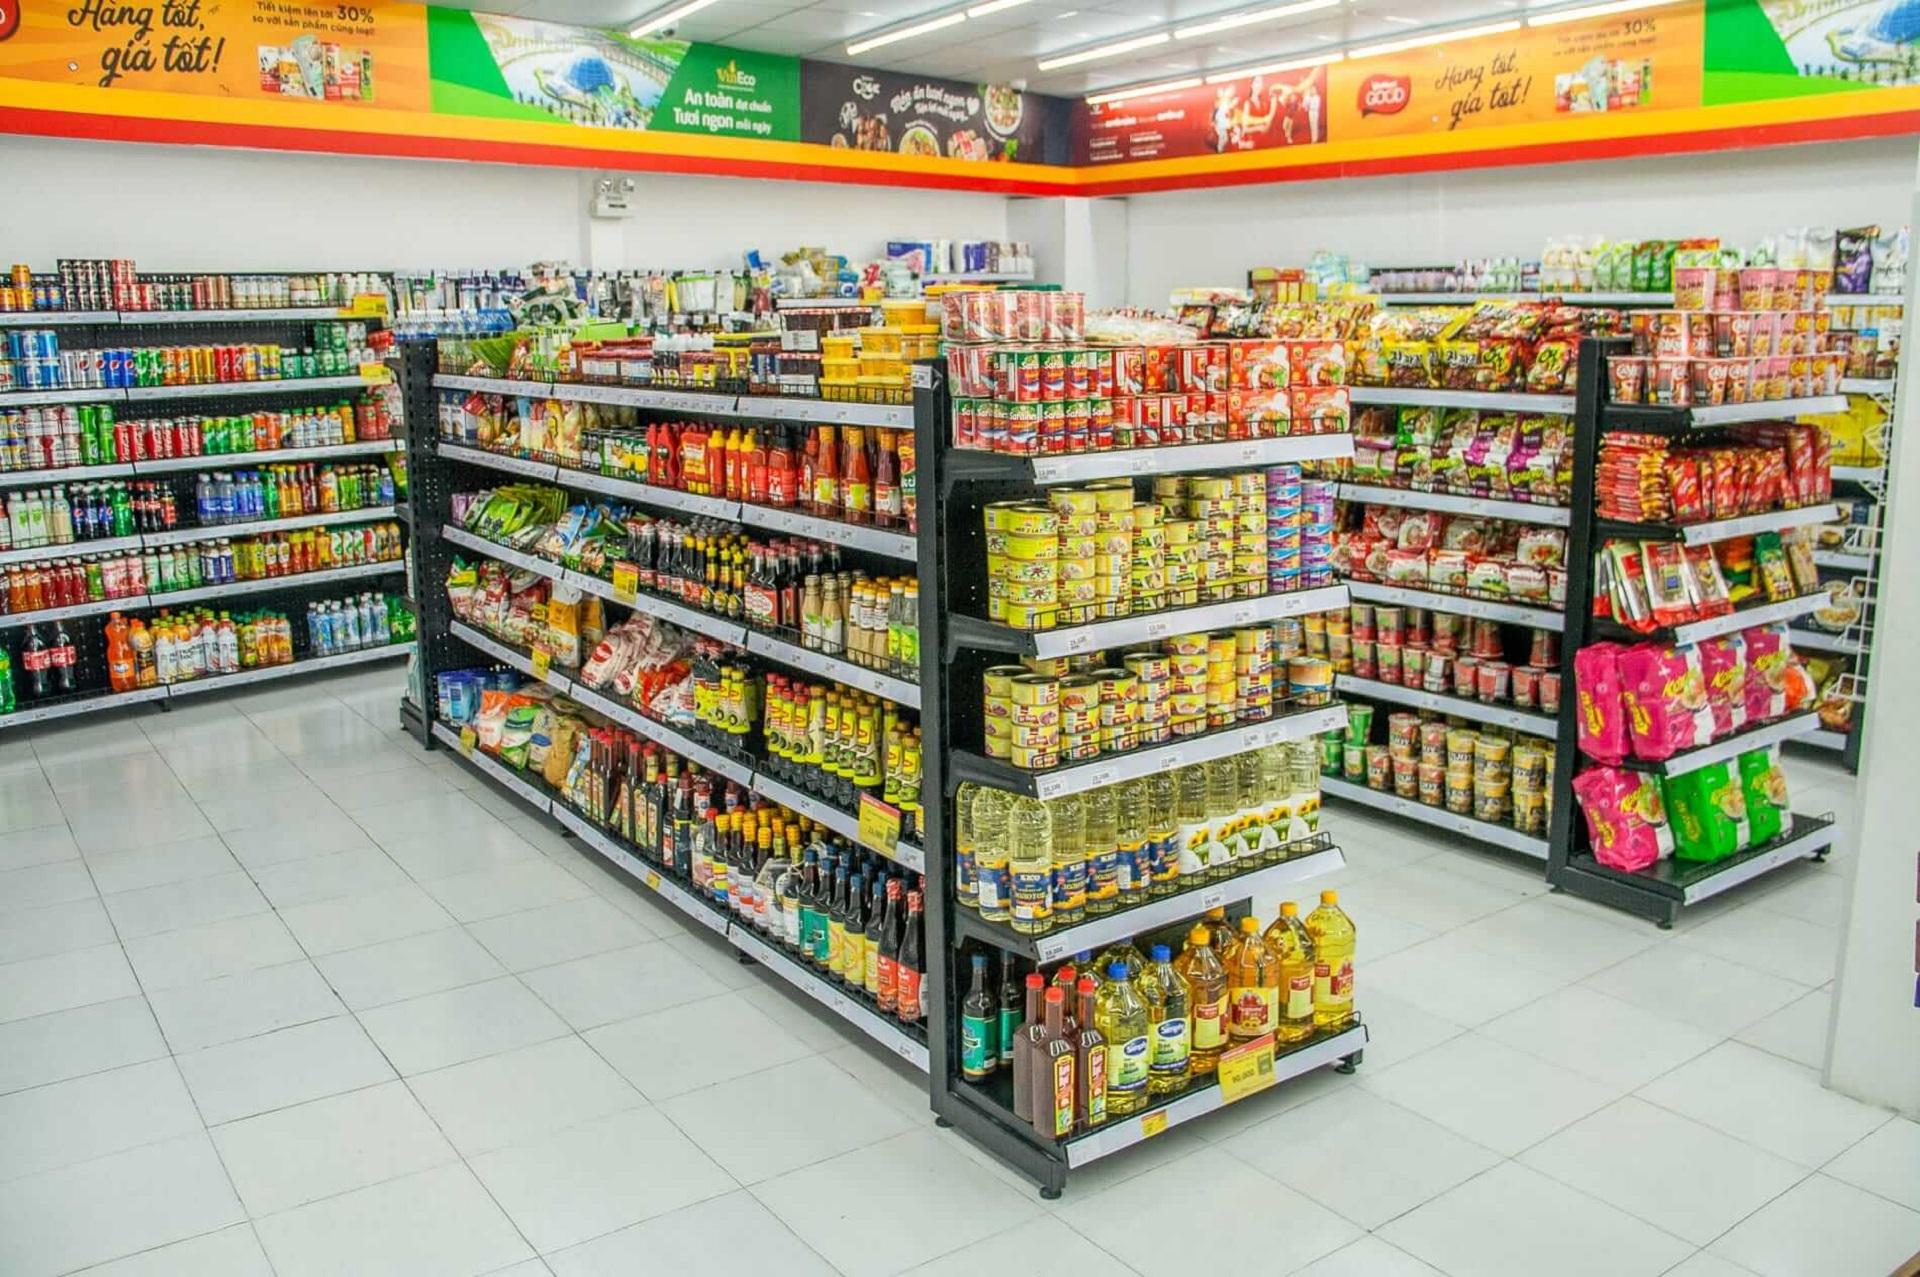 Kinh nghiệm mở cửa hàng tạp hóa ở nông thôn hoặc thành phố